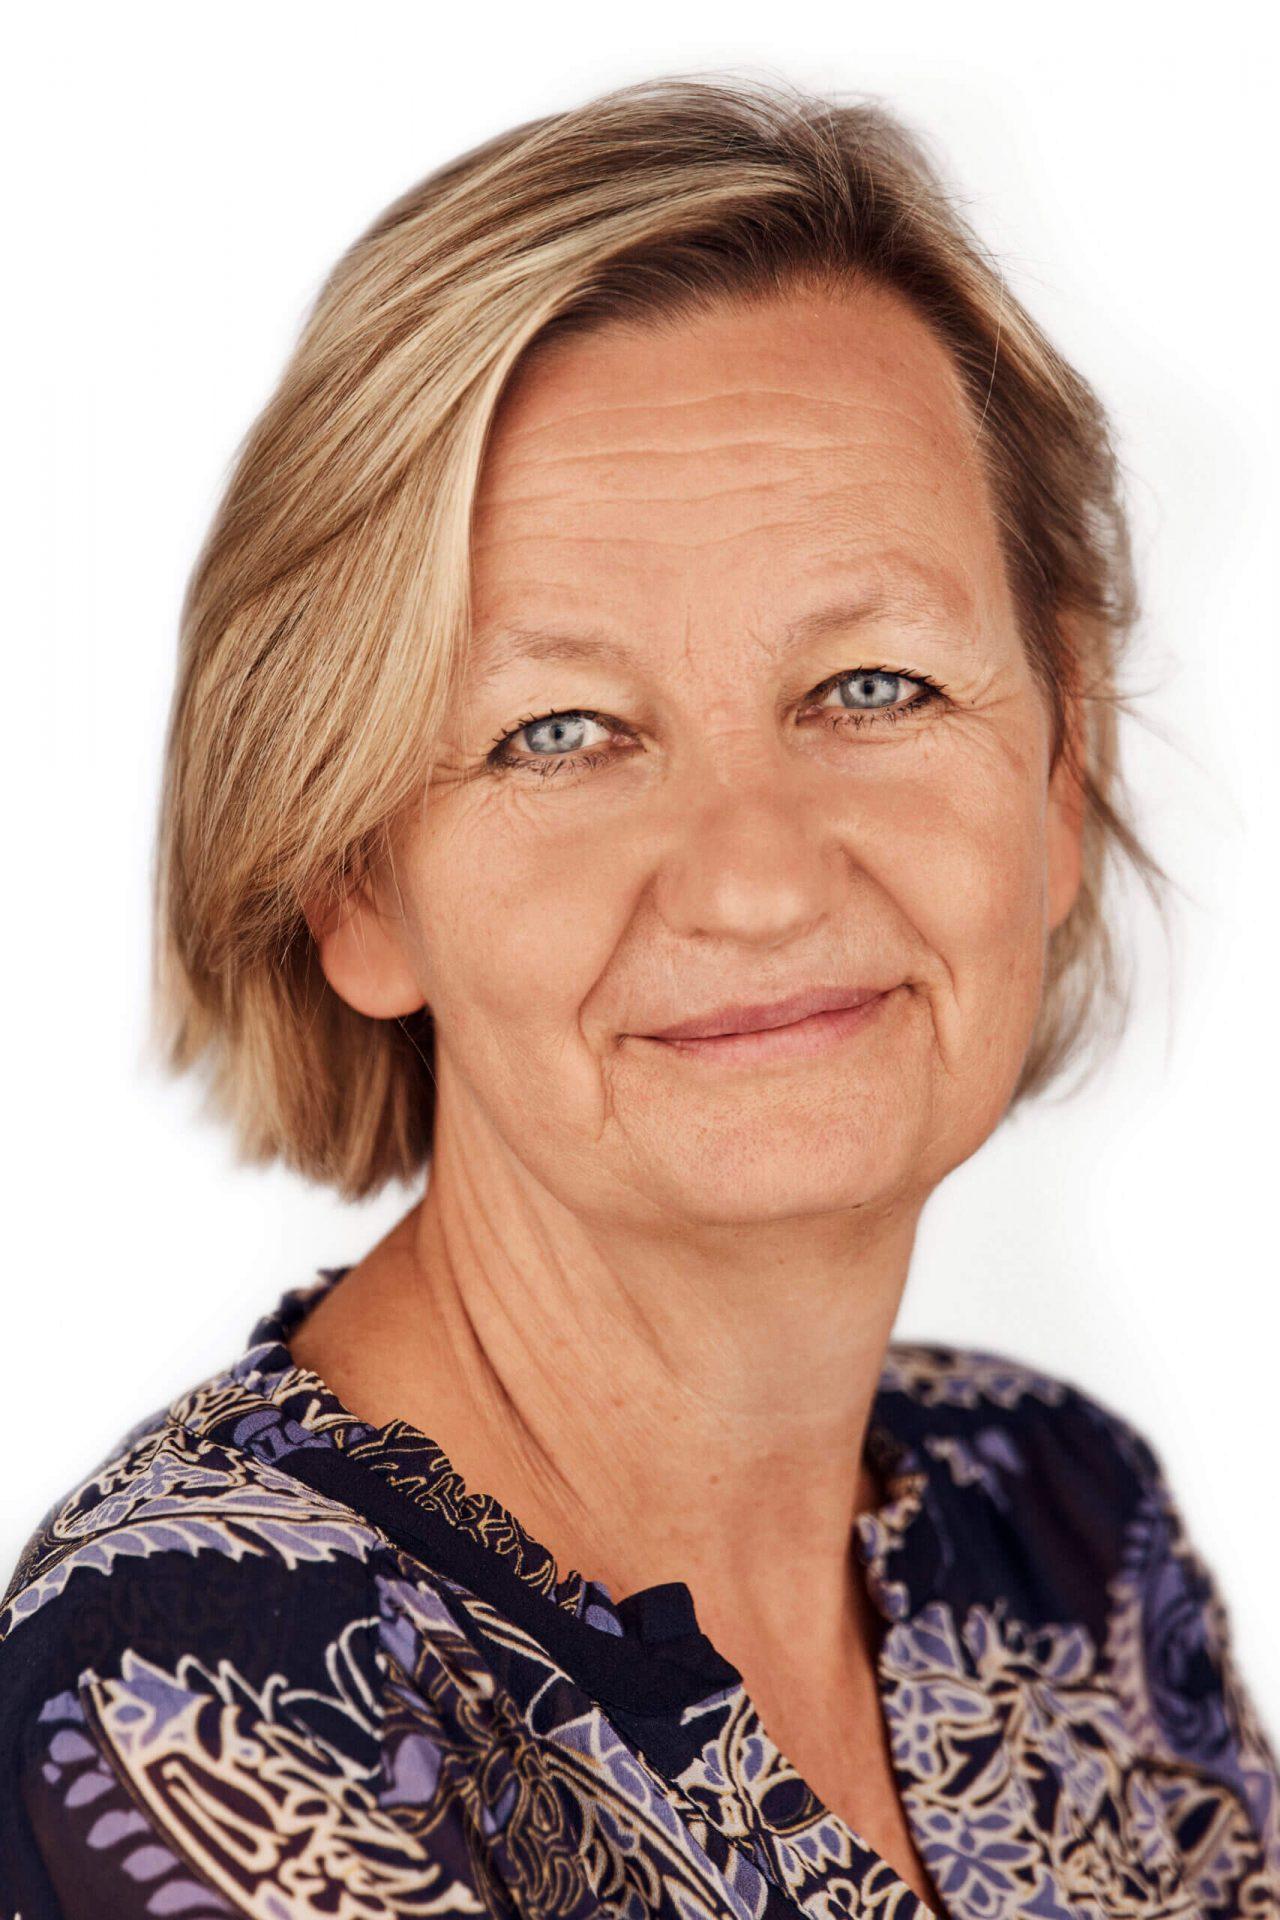 Portrætbillede af Helle Rodenberg